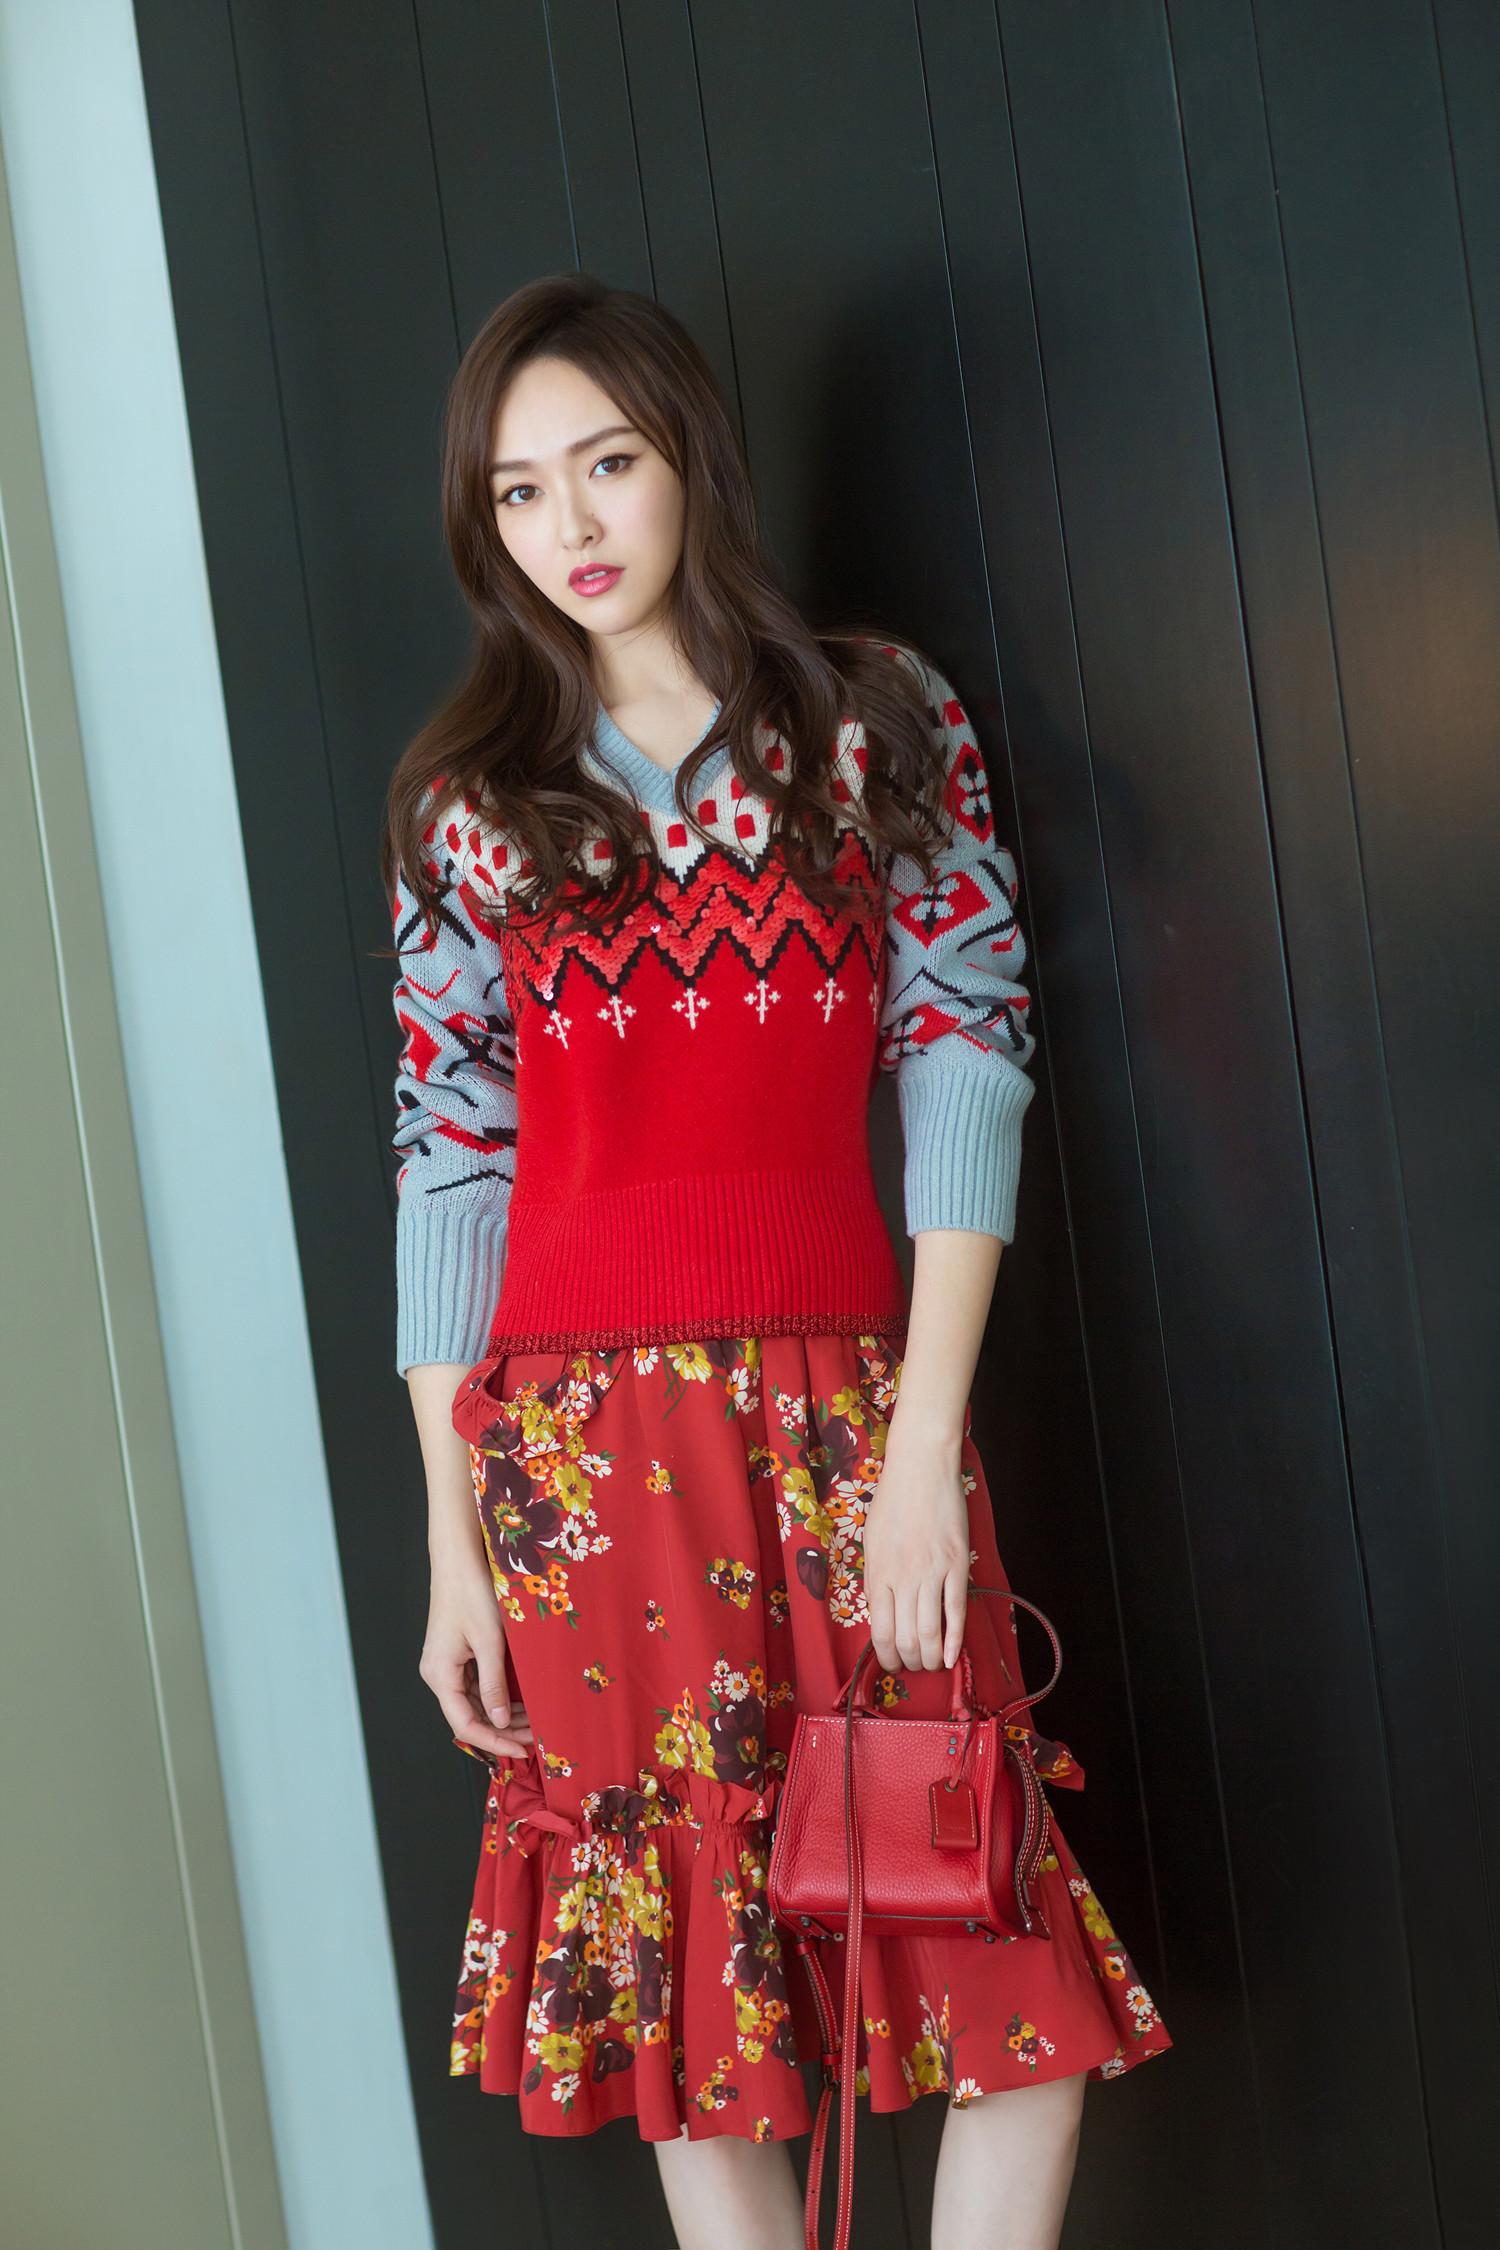 唐嫣白衬衫配红色针织裙甜美又淑女,红配绿在她这反而变得更好看